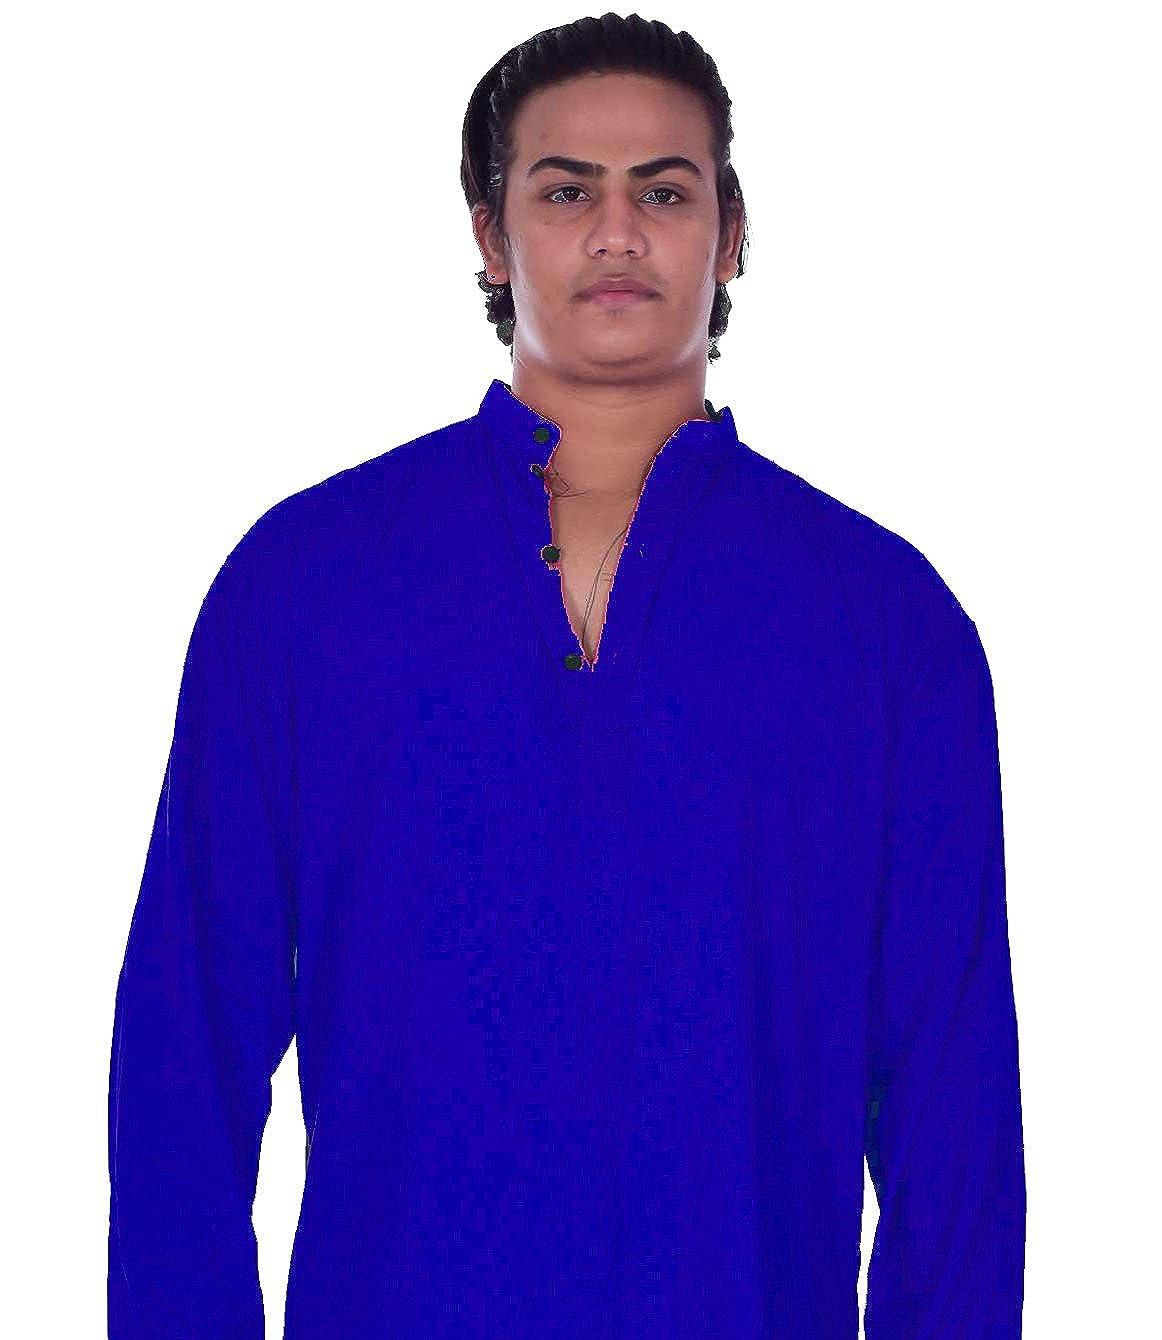 Lakkar Haveli Indian 100/% Cotton Man/'s Shirt Loose fit Plan Royal Blue Color Solid Print Plus Size